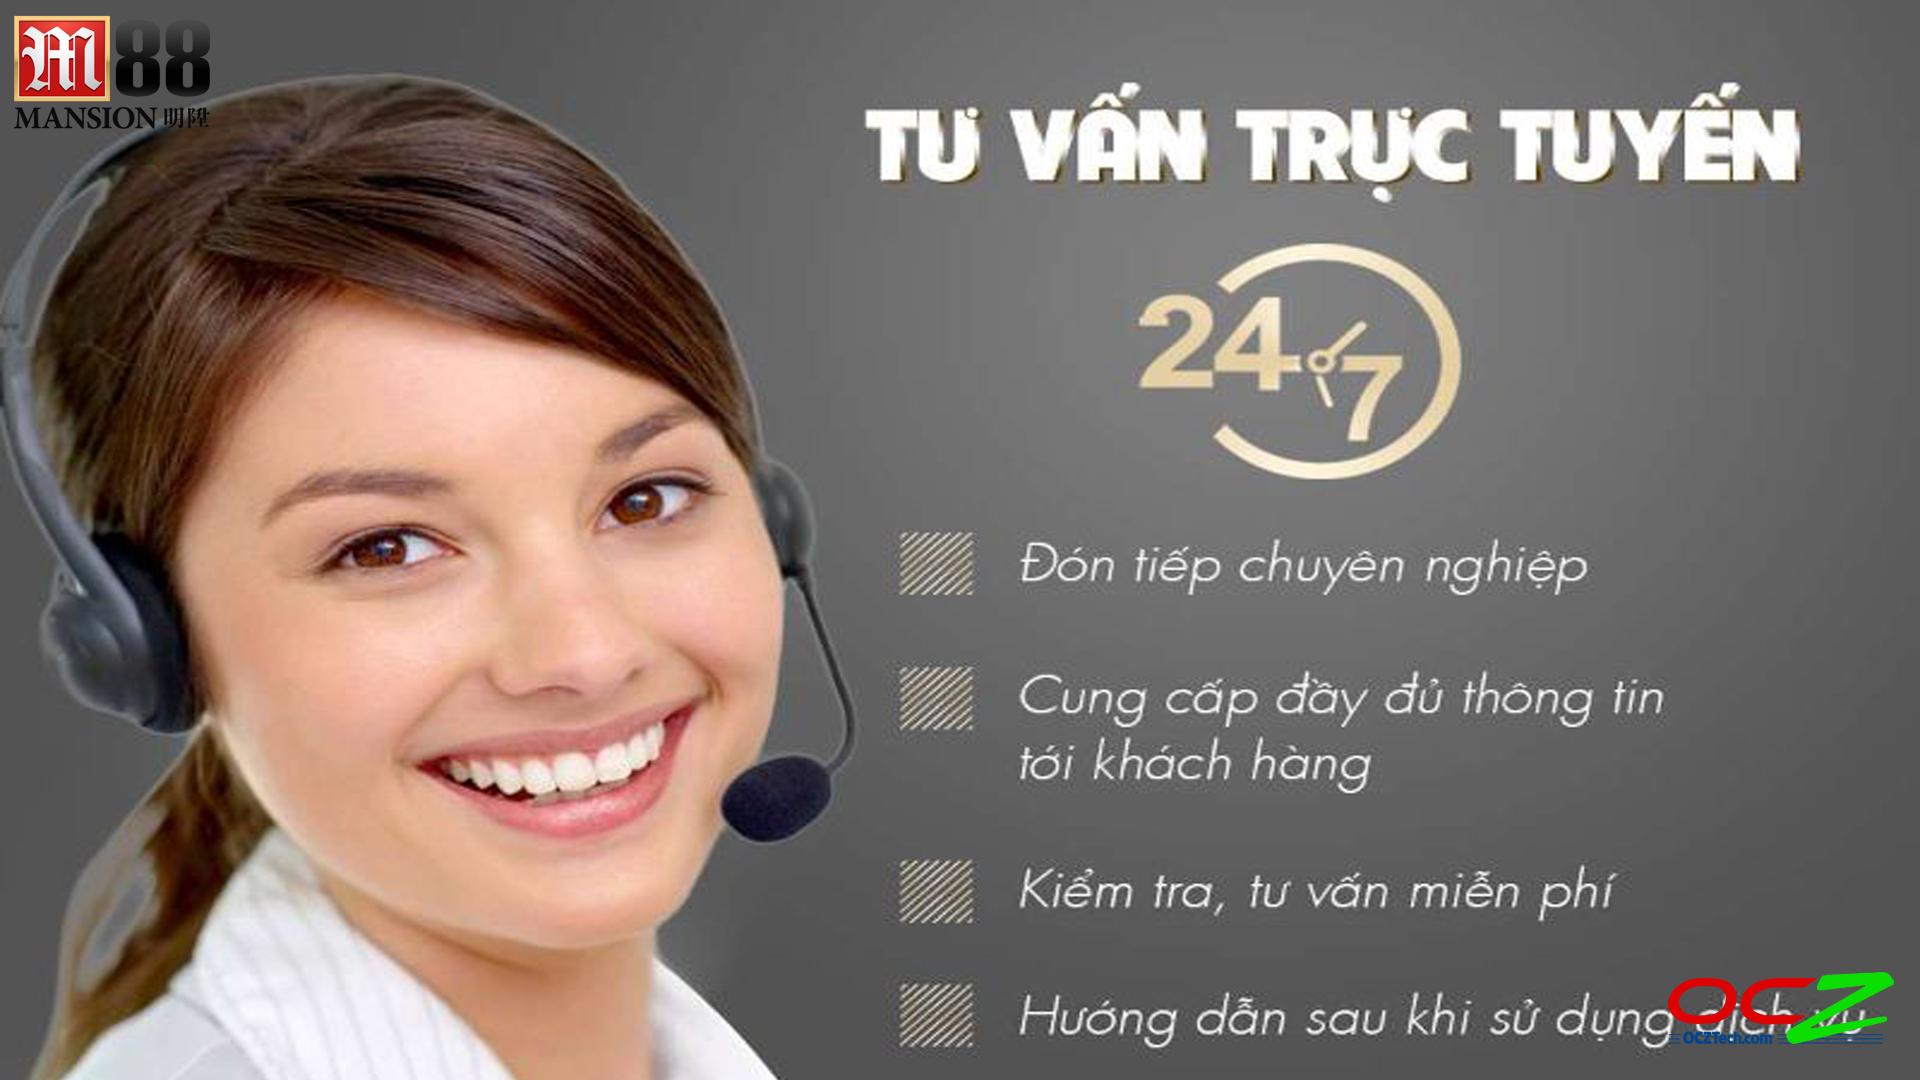 Hotline miễn phí (tiếng Việt)